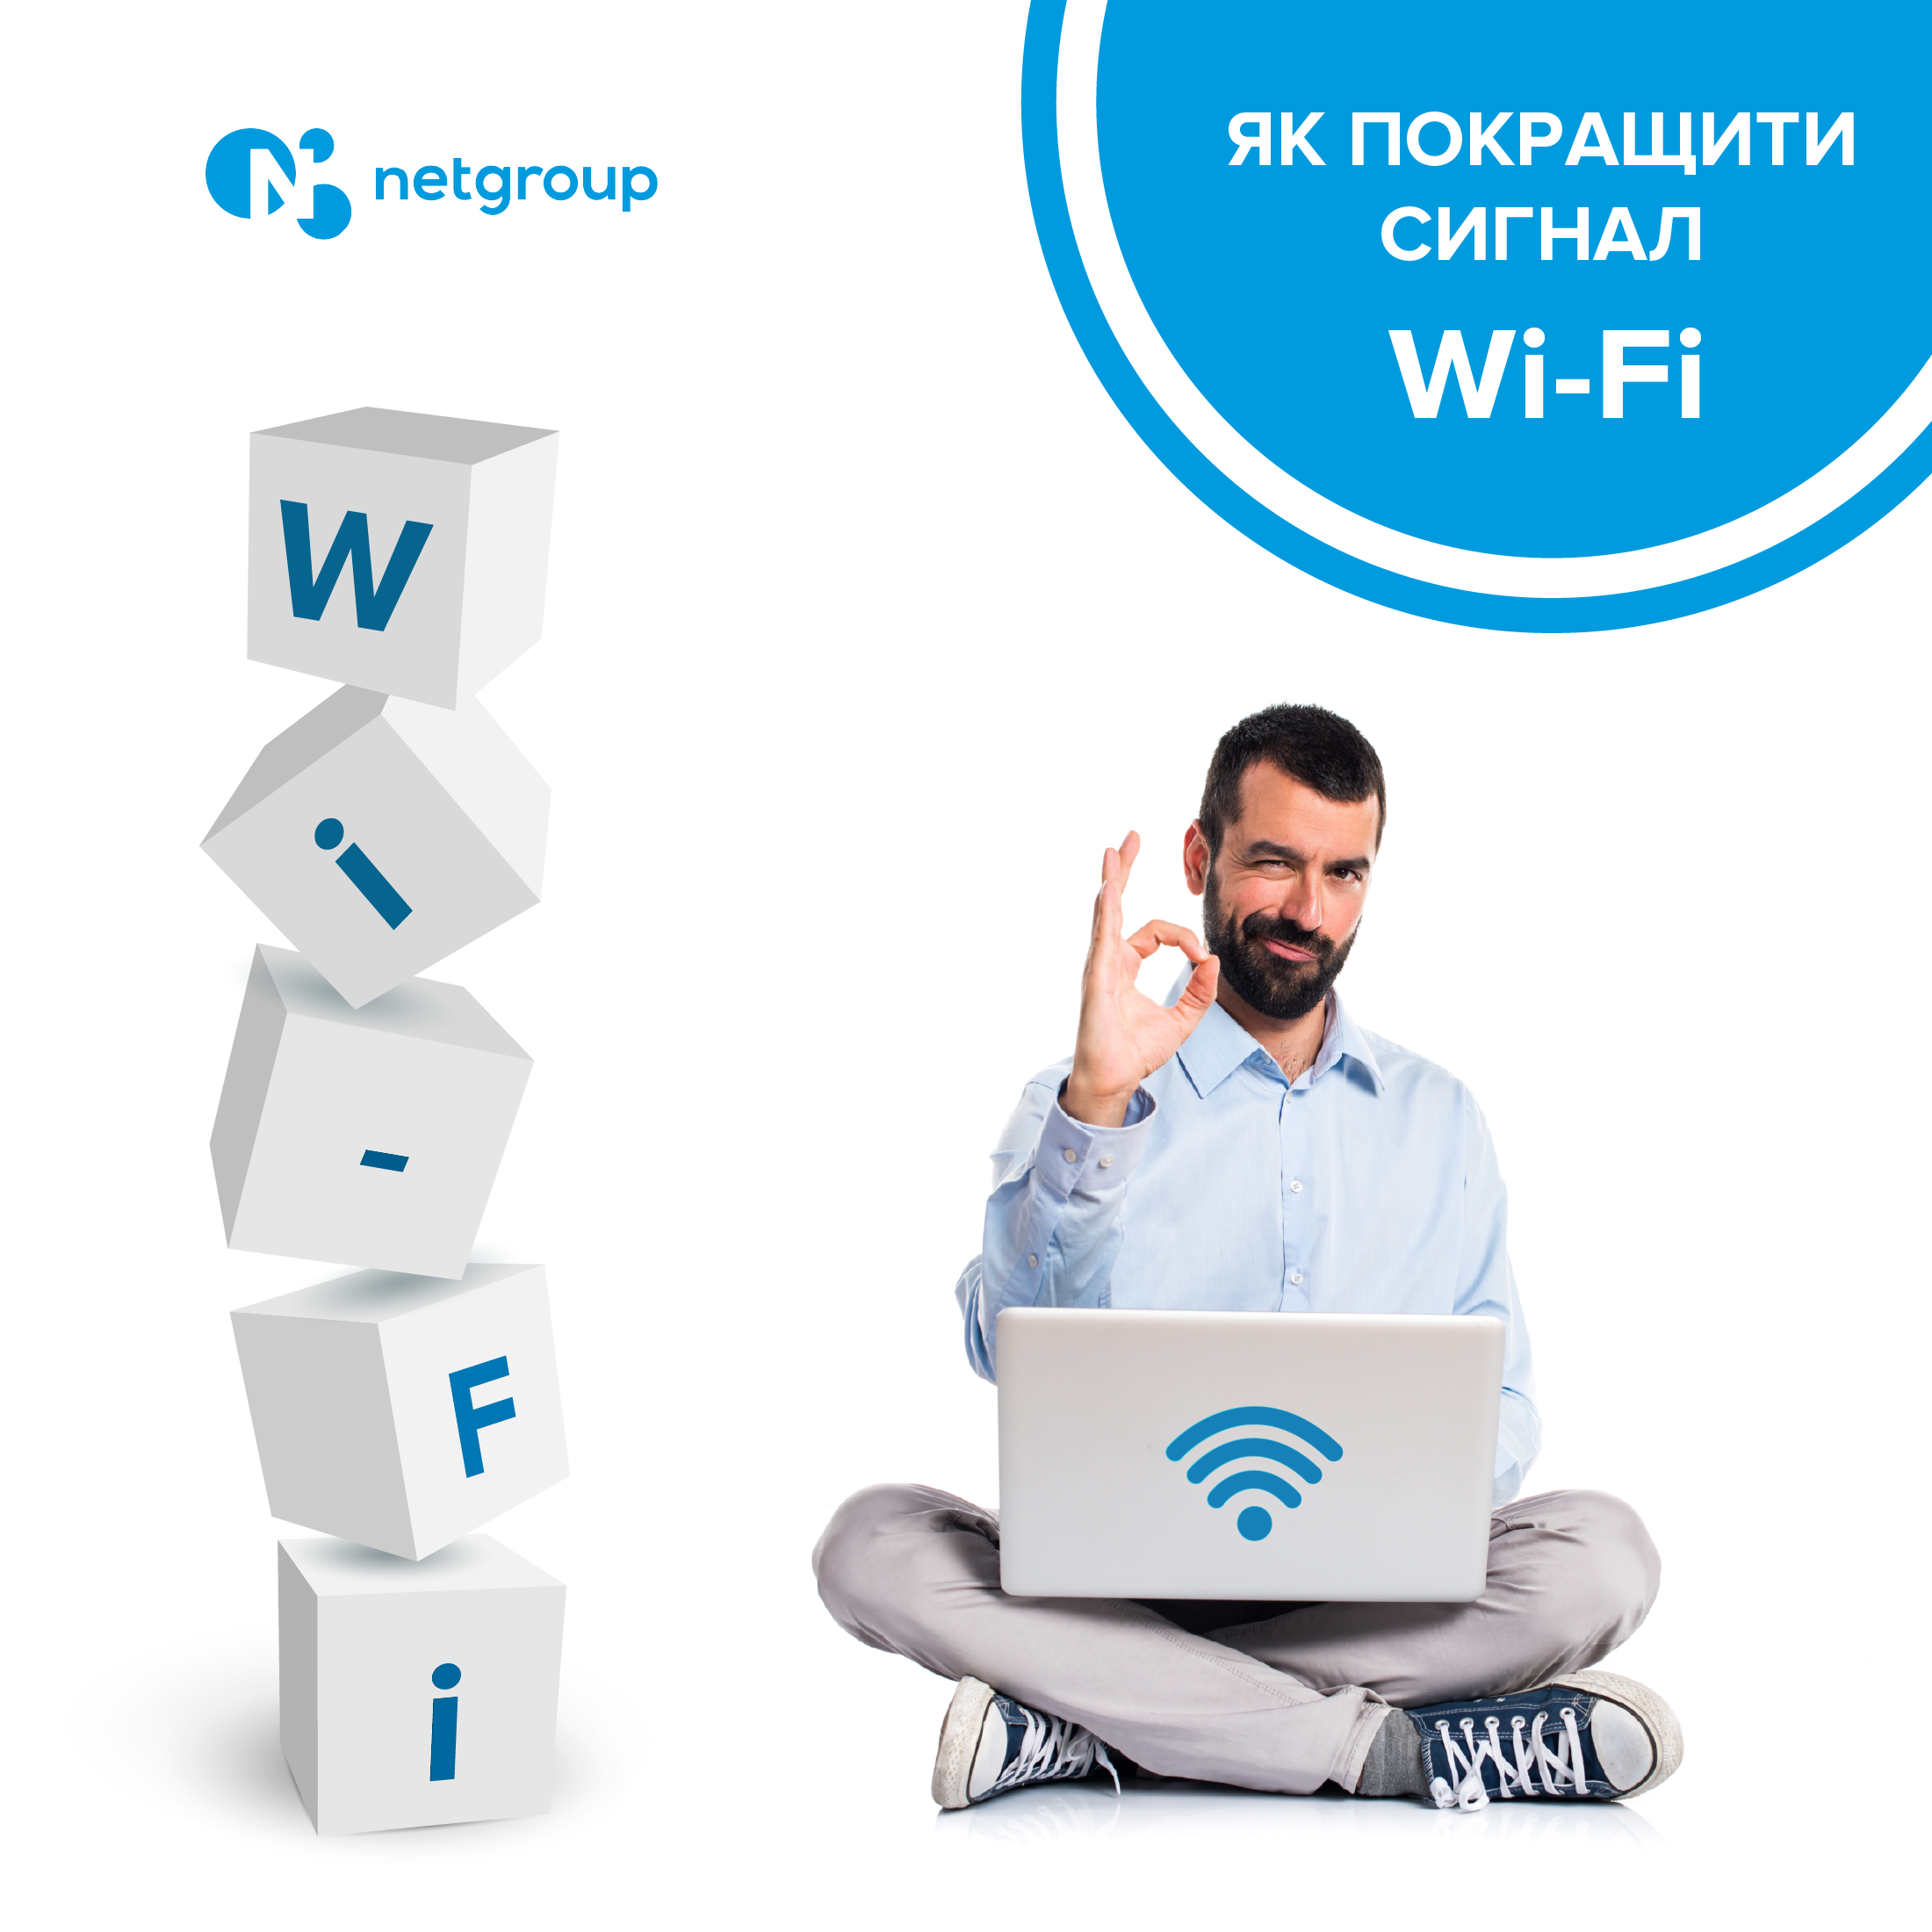 Як покращити сигнал Wi-Fi у себе вдома